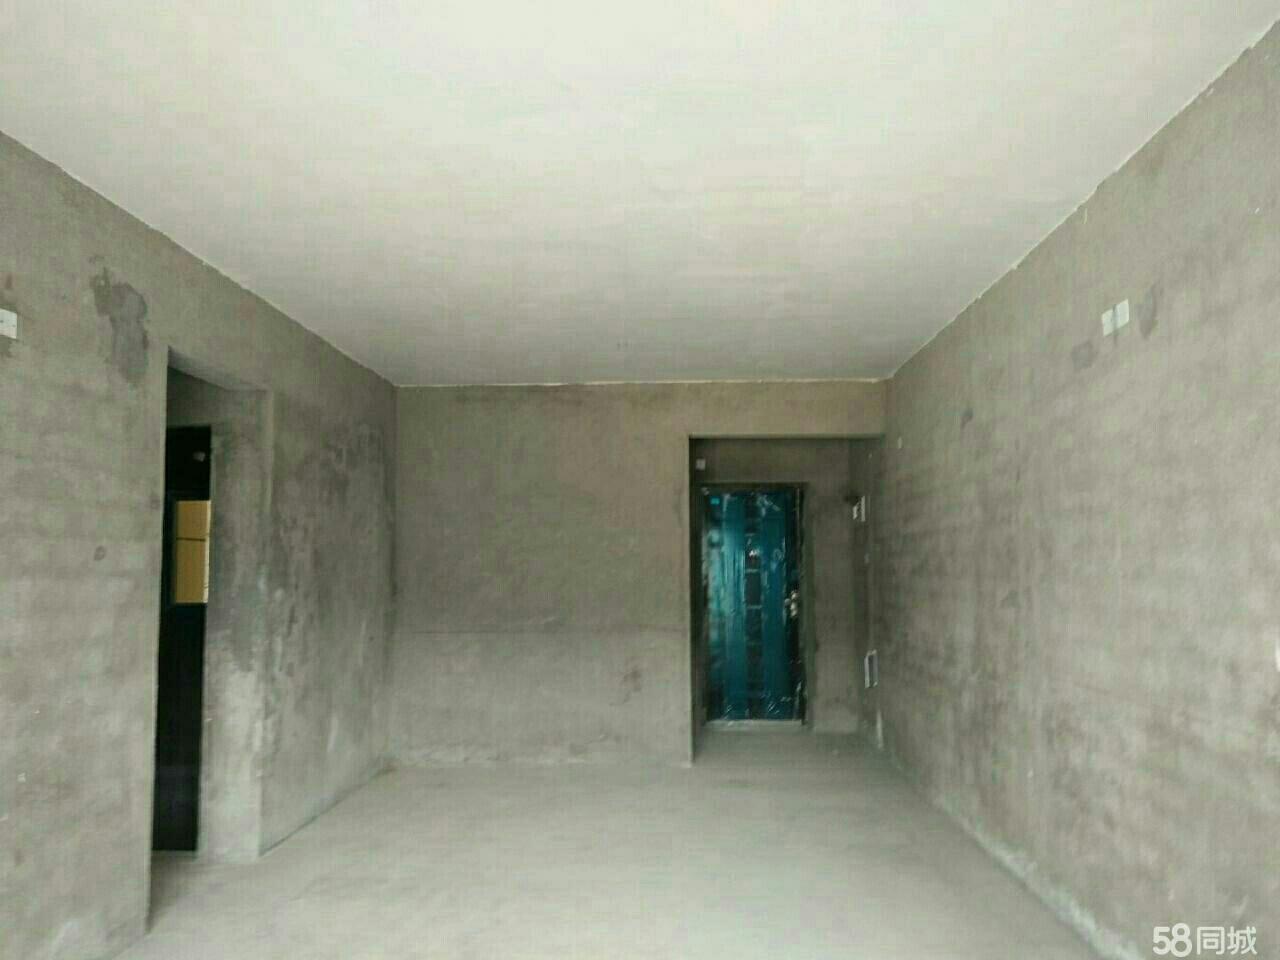 山台山3室2厅2卫51万急卖